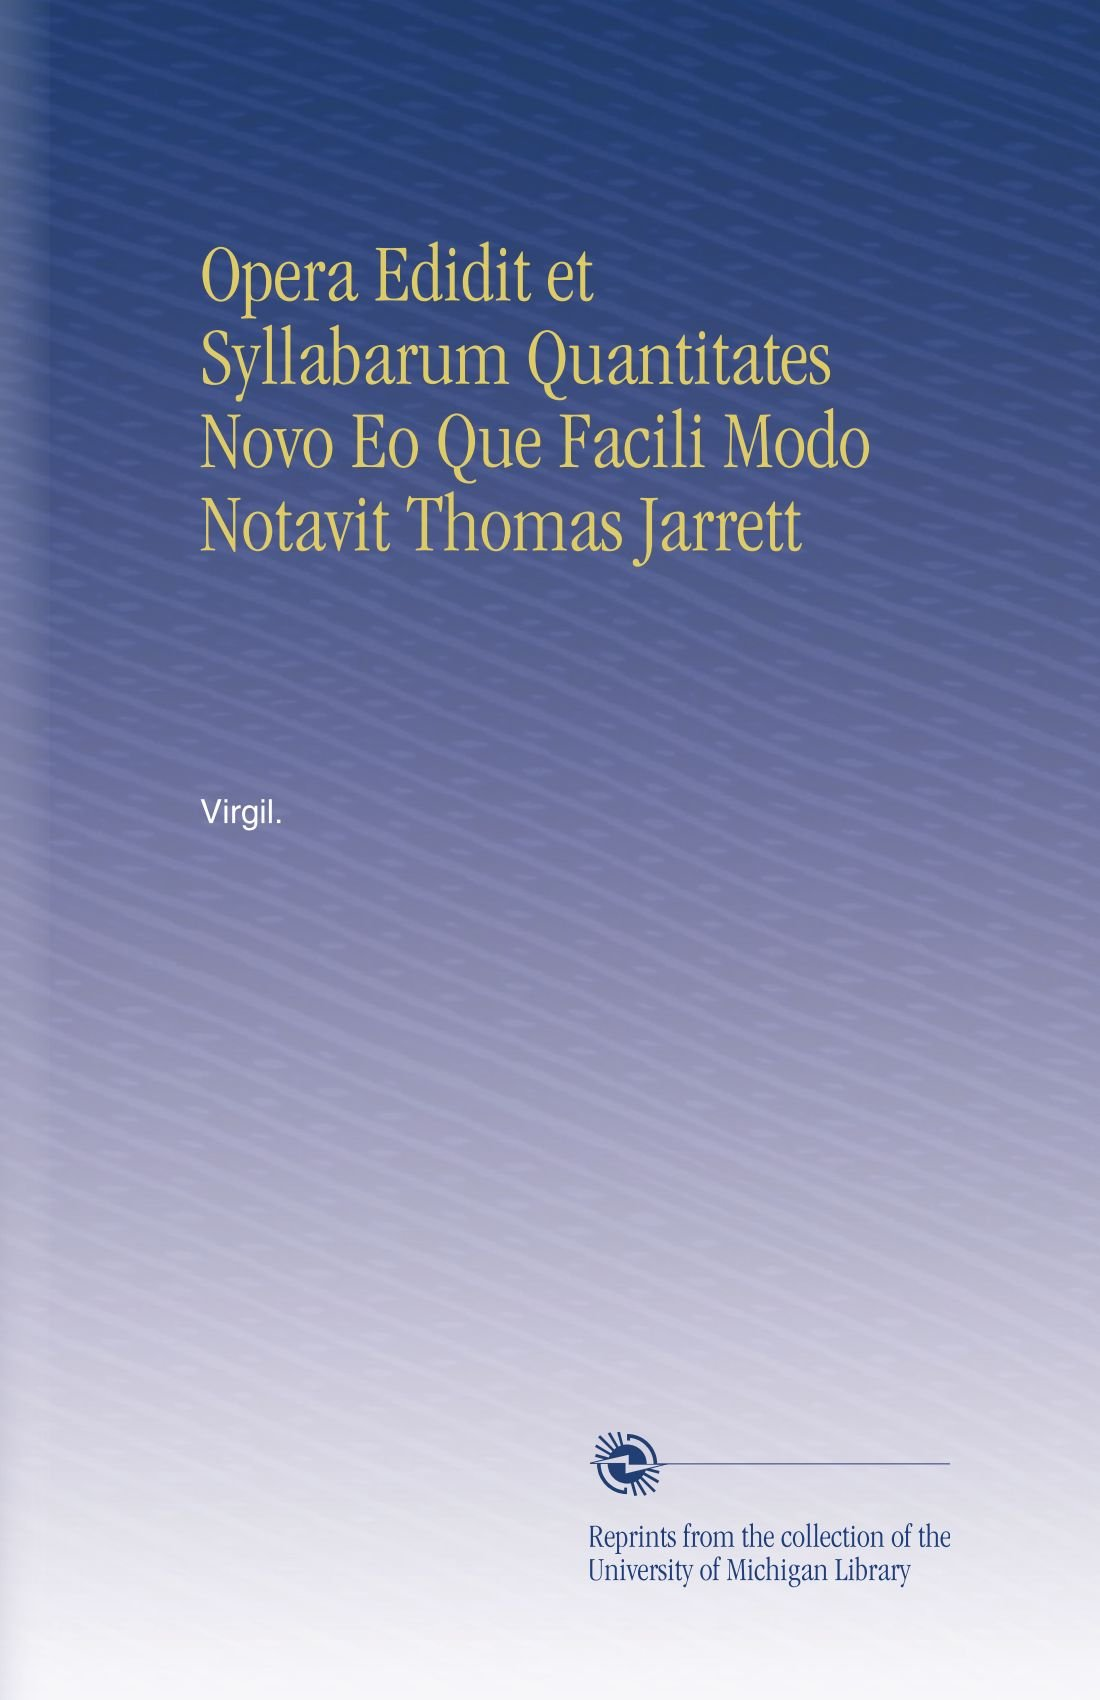 Opera Edidit et Syllabarum Quantitates Novo Eo Que Facili Modo Notavit Thomas Jarrett (Latin Edition) ebook